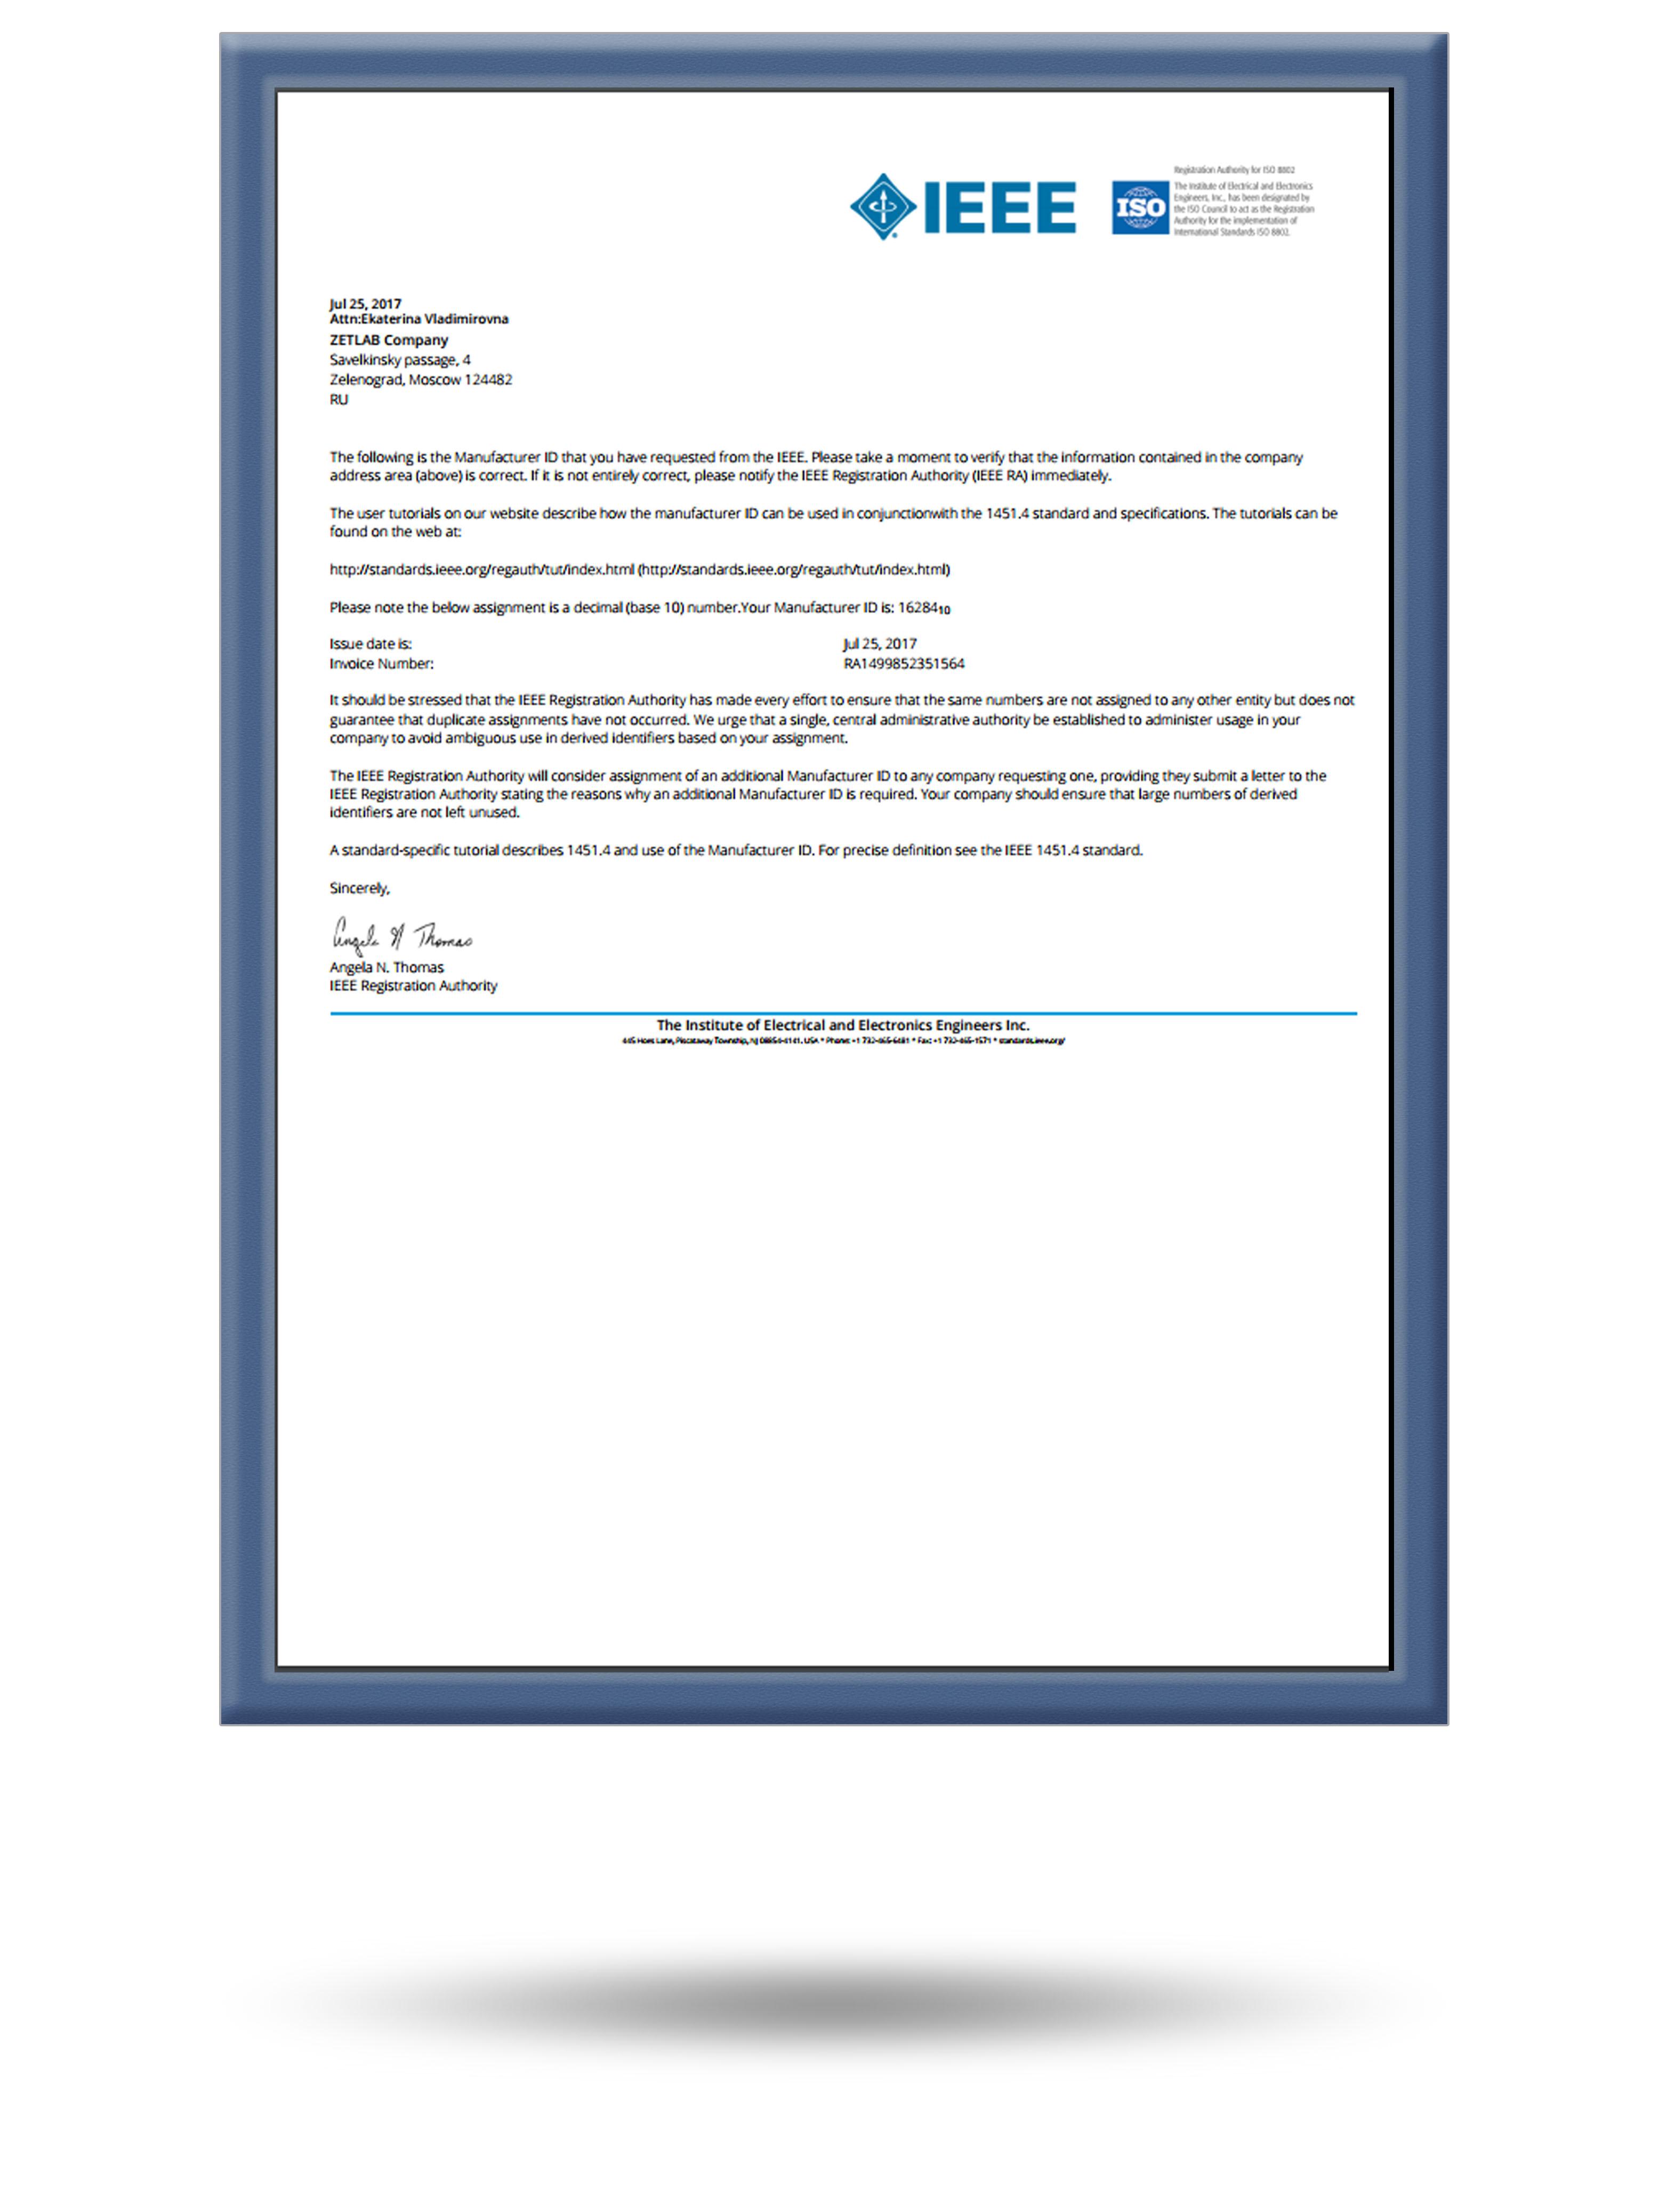 Сертификат о присвоении идентификатора производителя в IEEE Registration Authority (IEEE RA)